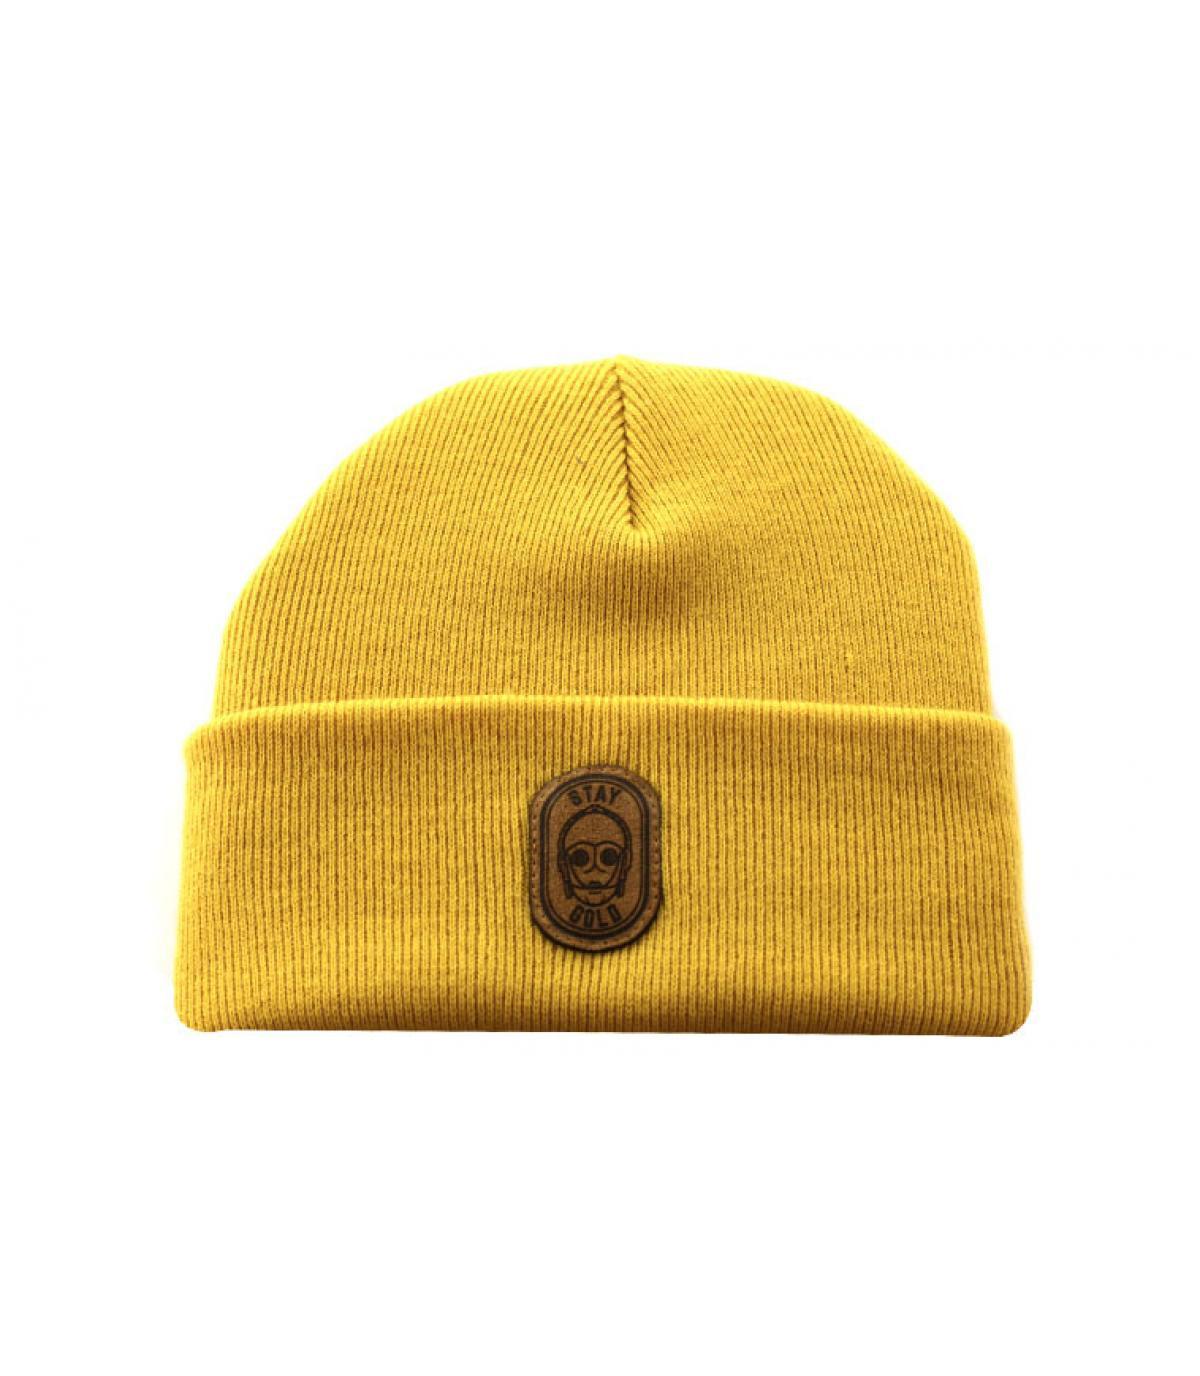 Détails Bonnet Stay Gold mustard - image 2